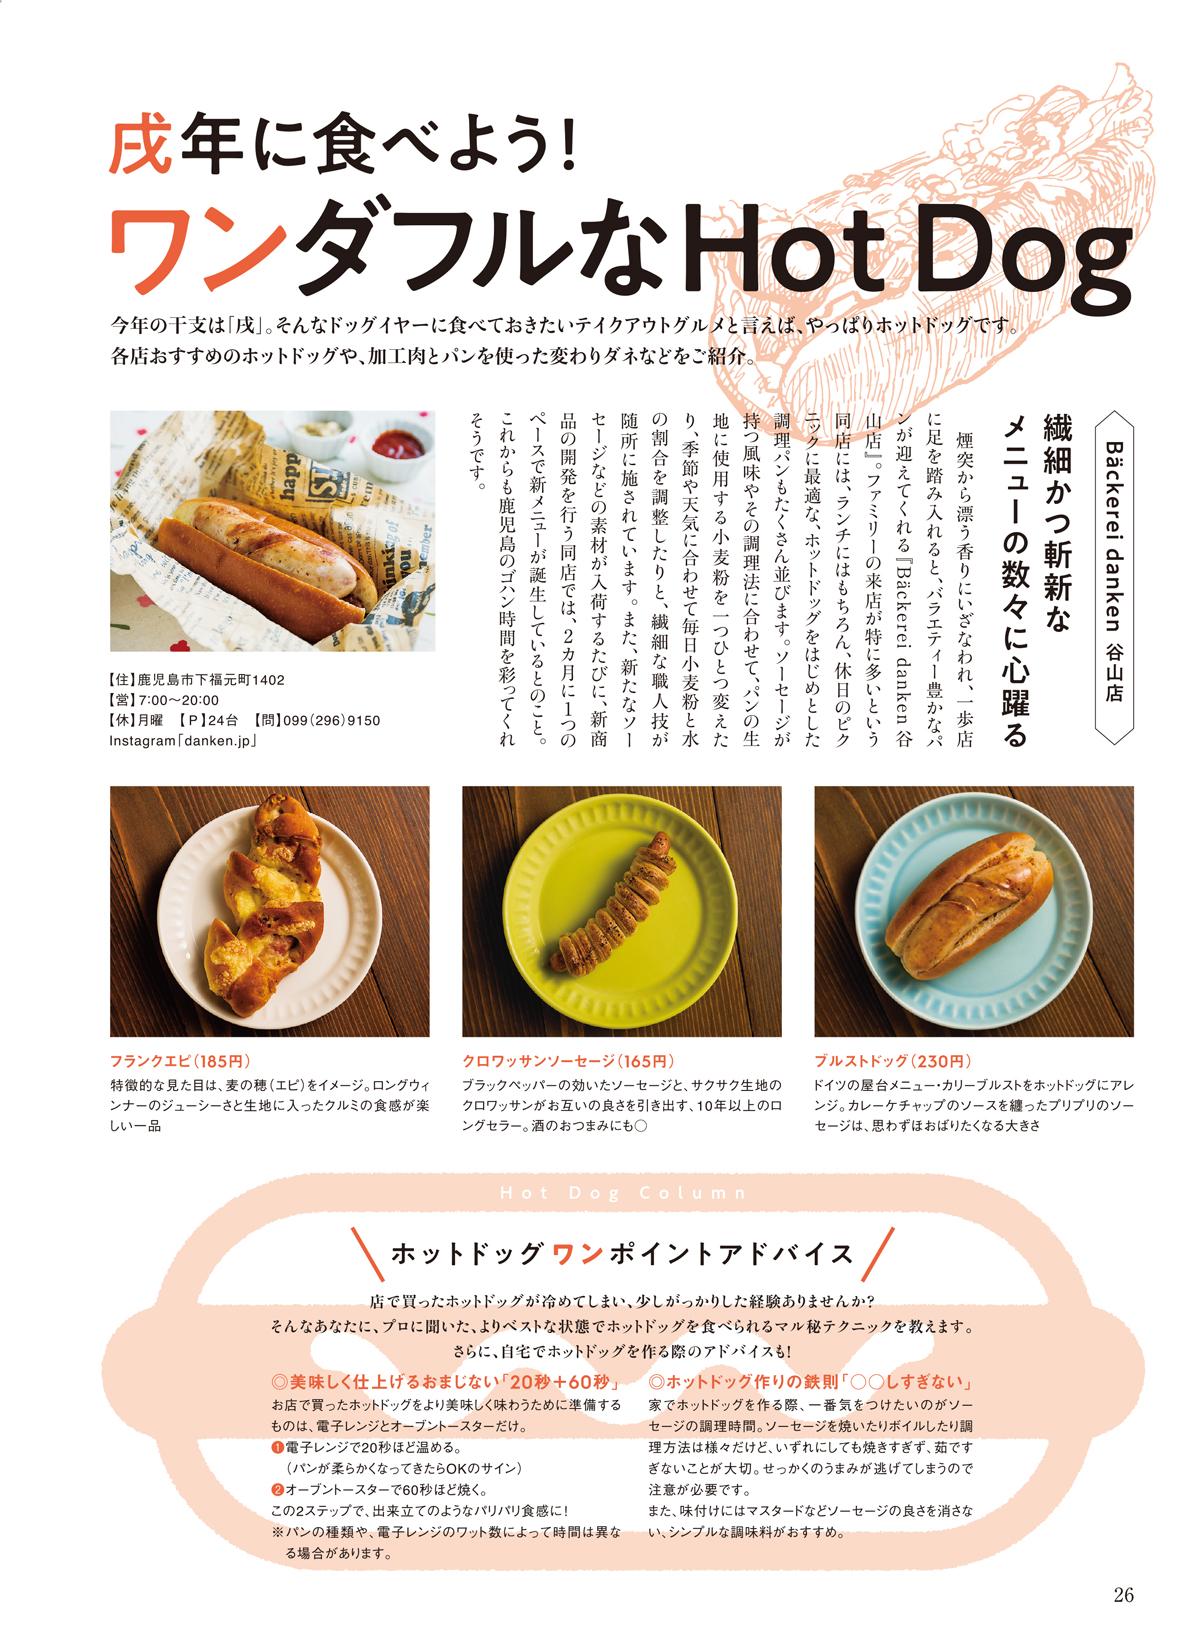 LEAP2018?3?4??????|??????Hot Dog